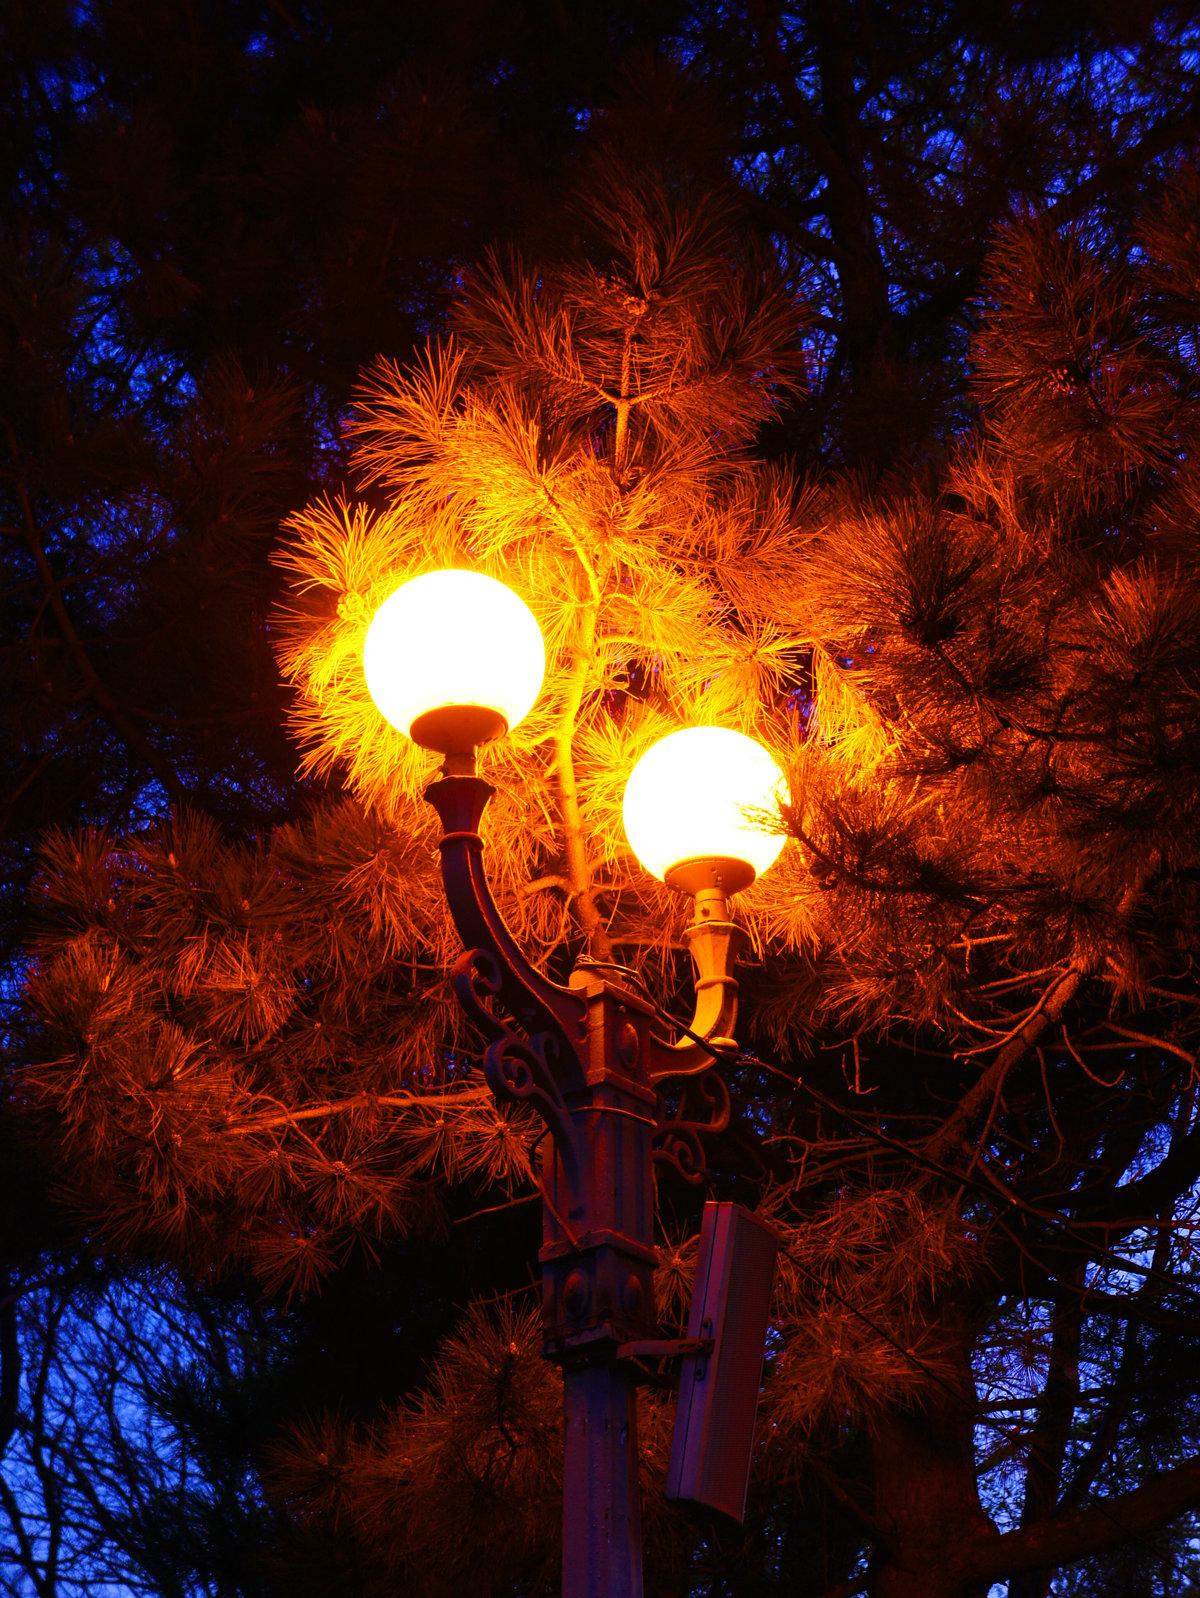 цвета сочетаются дерево фонарь картинки имидж группы постоянно